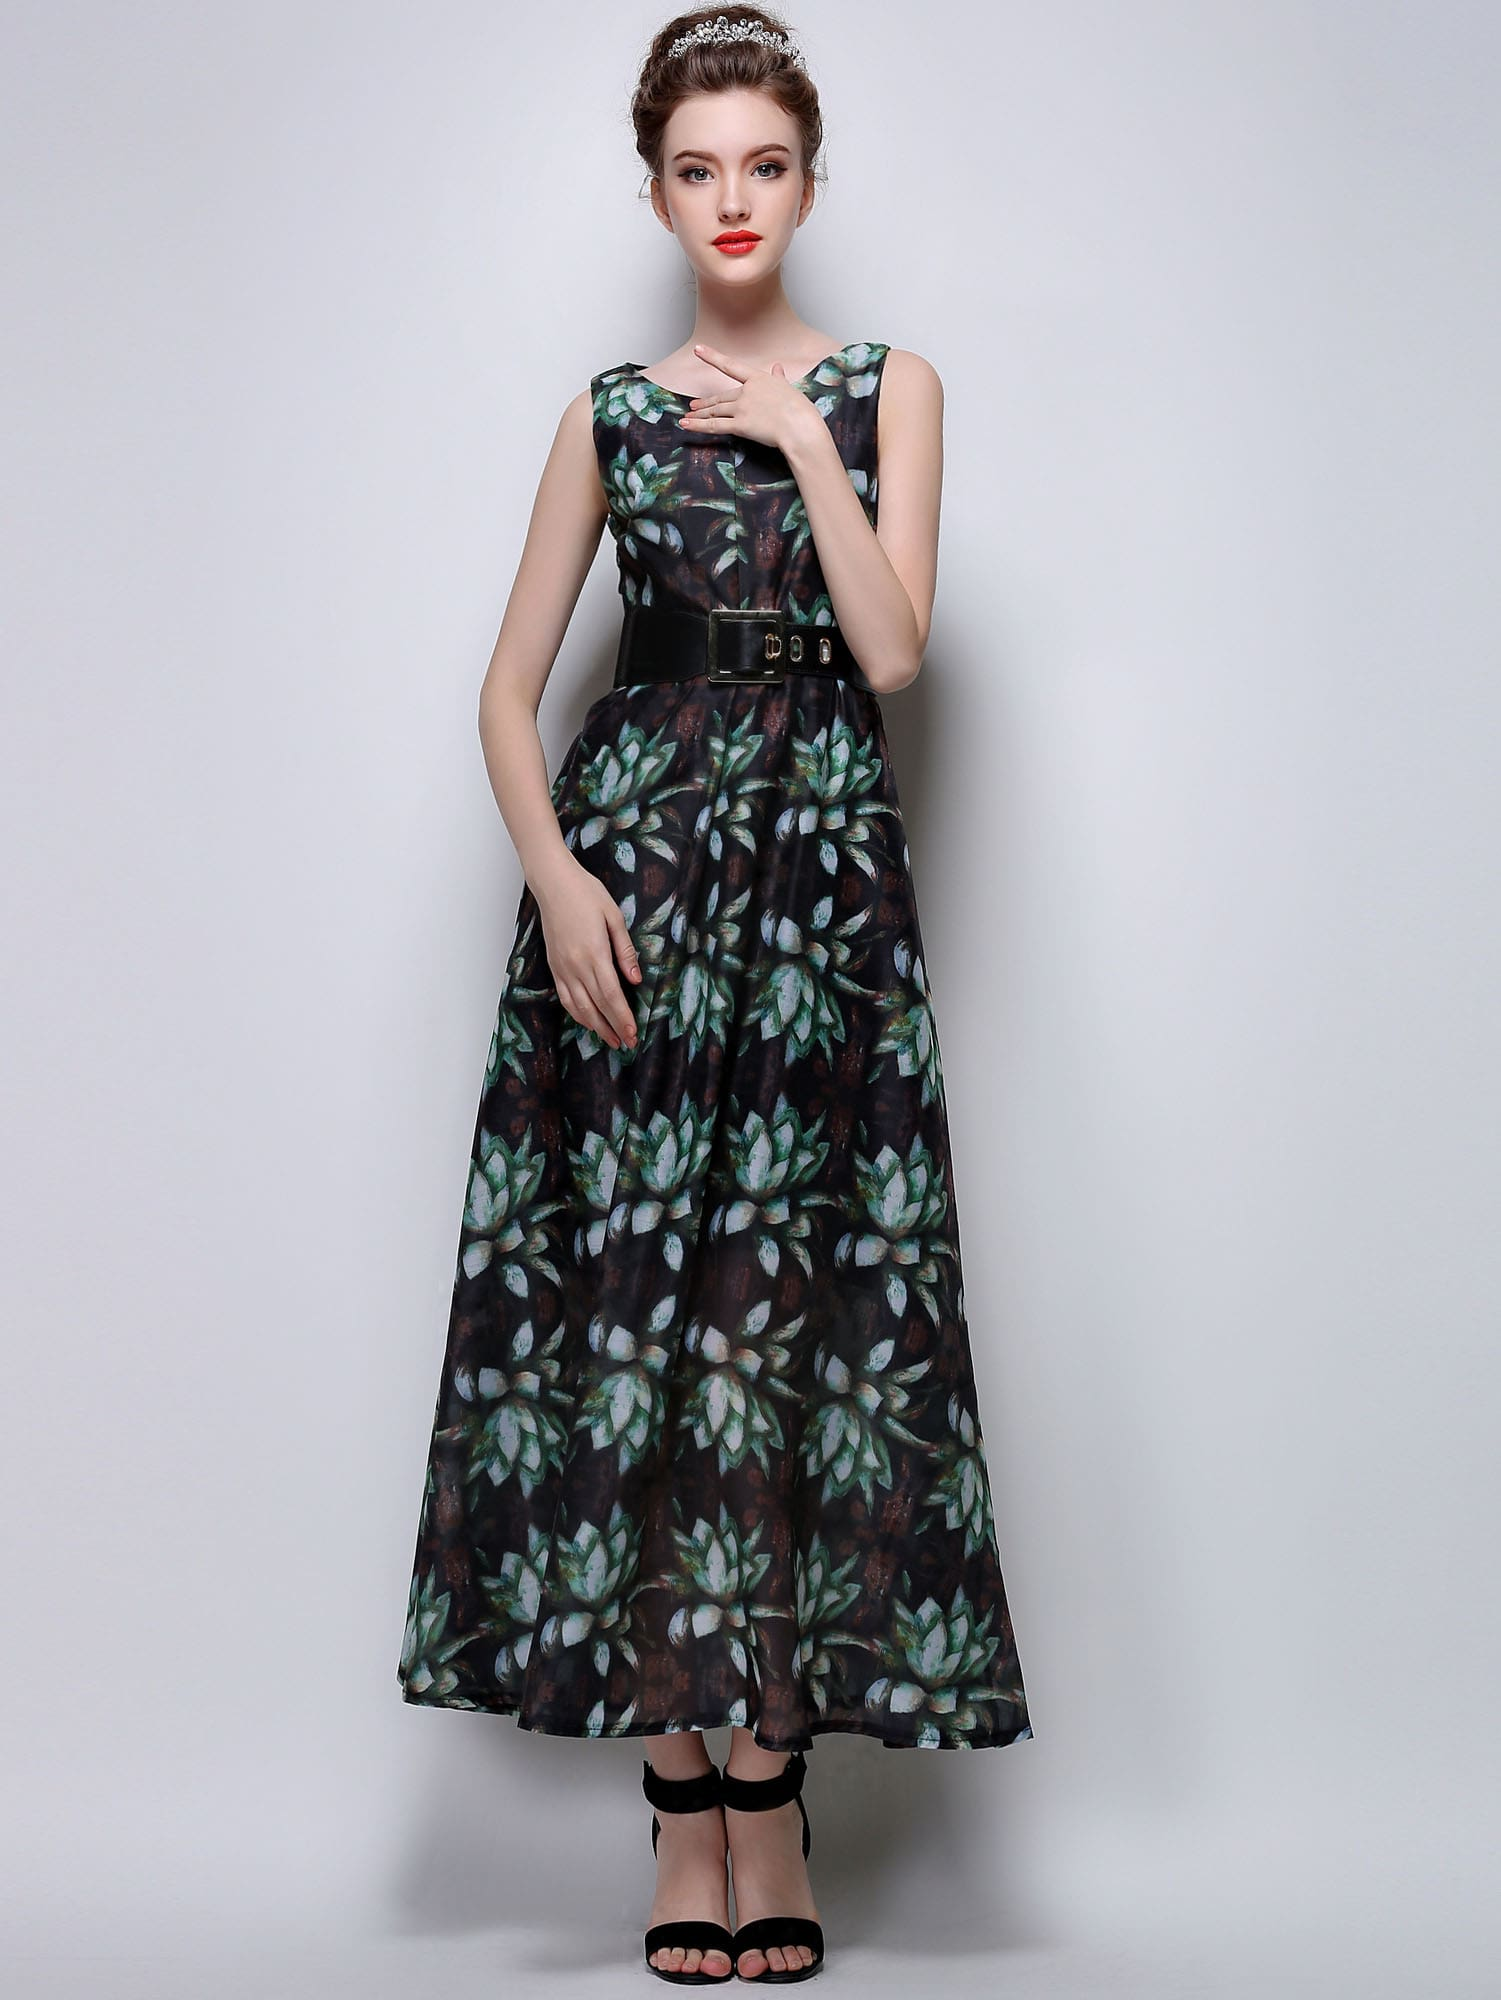 dress170105131_2